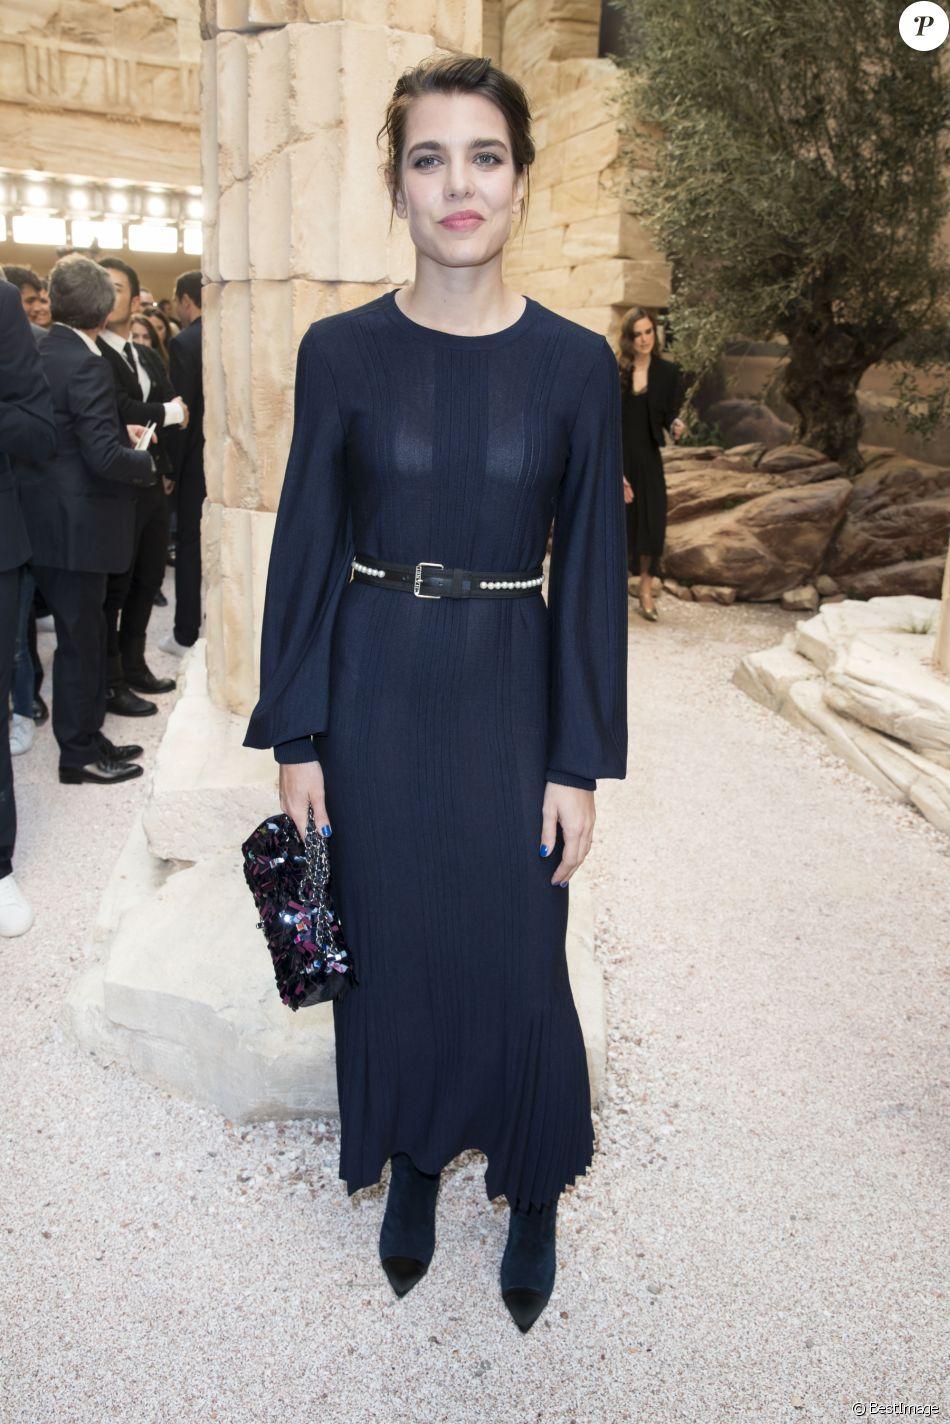 Charlotte Casiraghi - Défilé Chanel, collection croisière 2018 au Grand Palais à Paris. Le 3 mai 2017. © Olivier Borde/ Bestimage